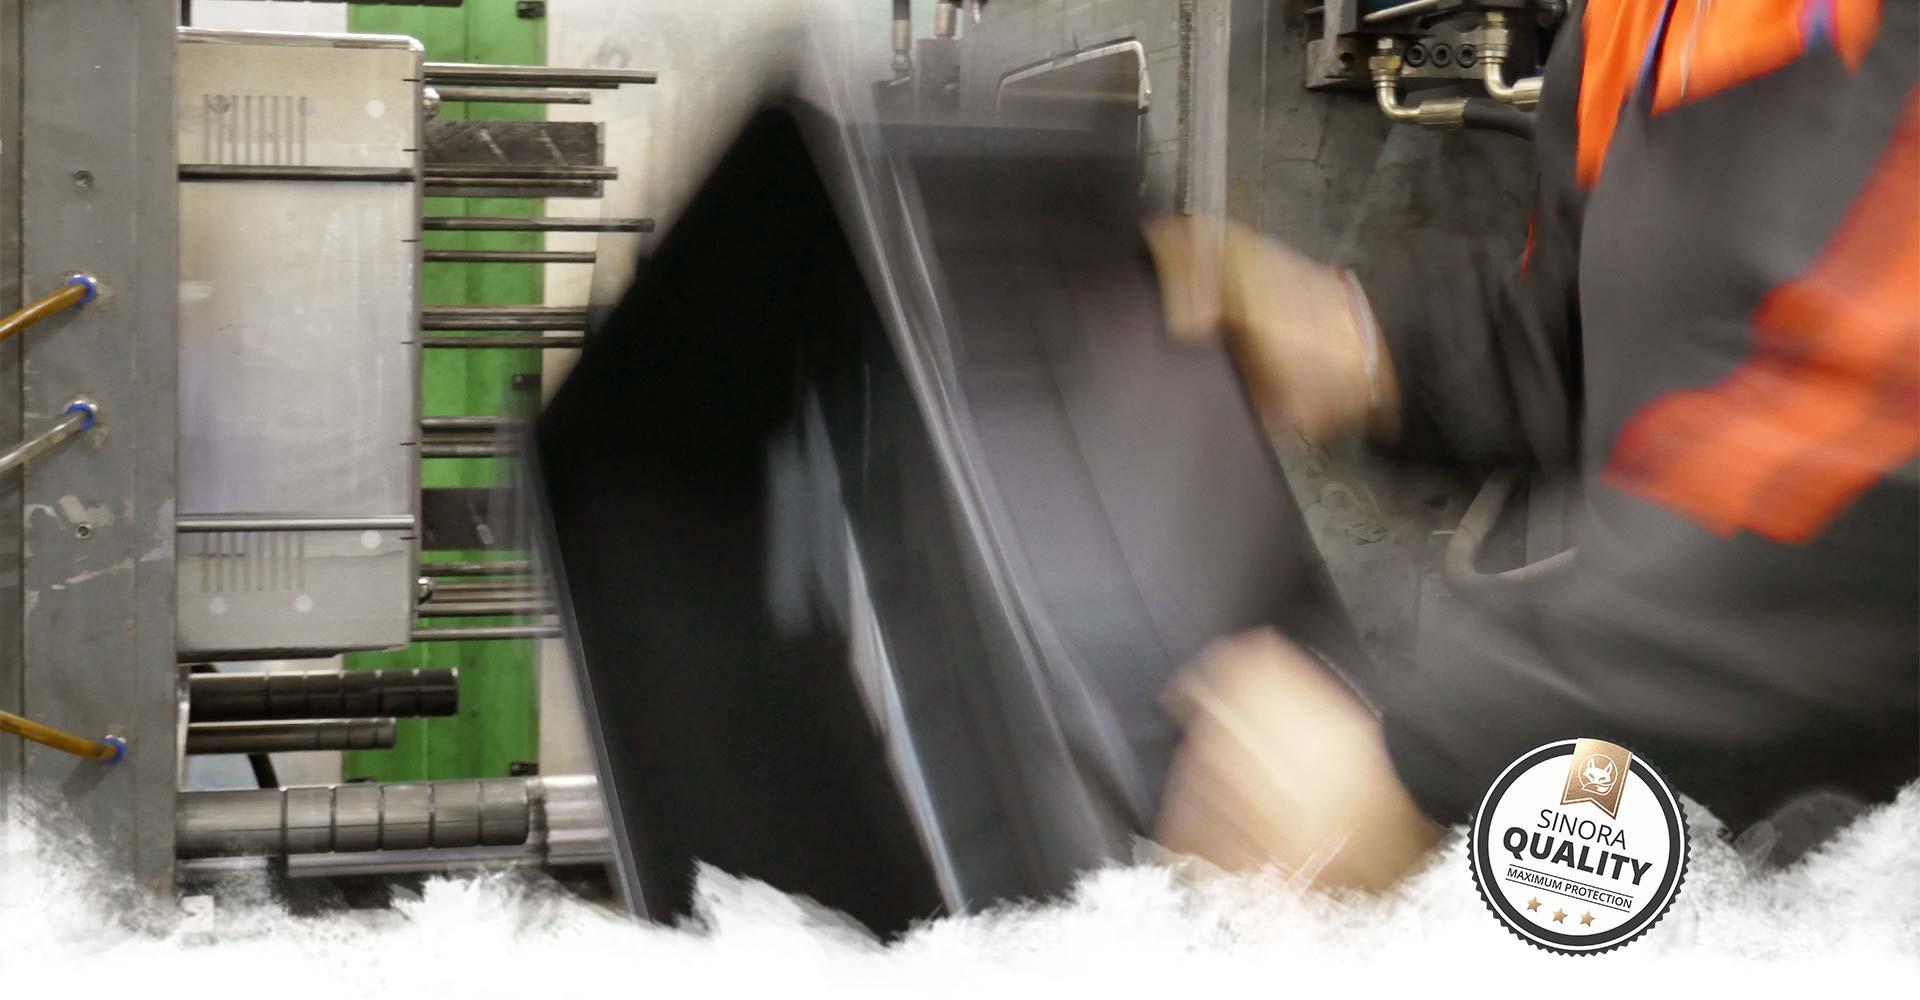 Leidenschaft im Herstellungsprozess von Kunststoff-Spritzguss-Koffern